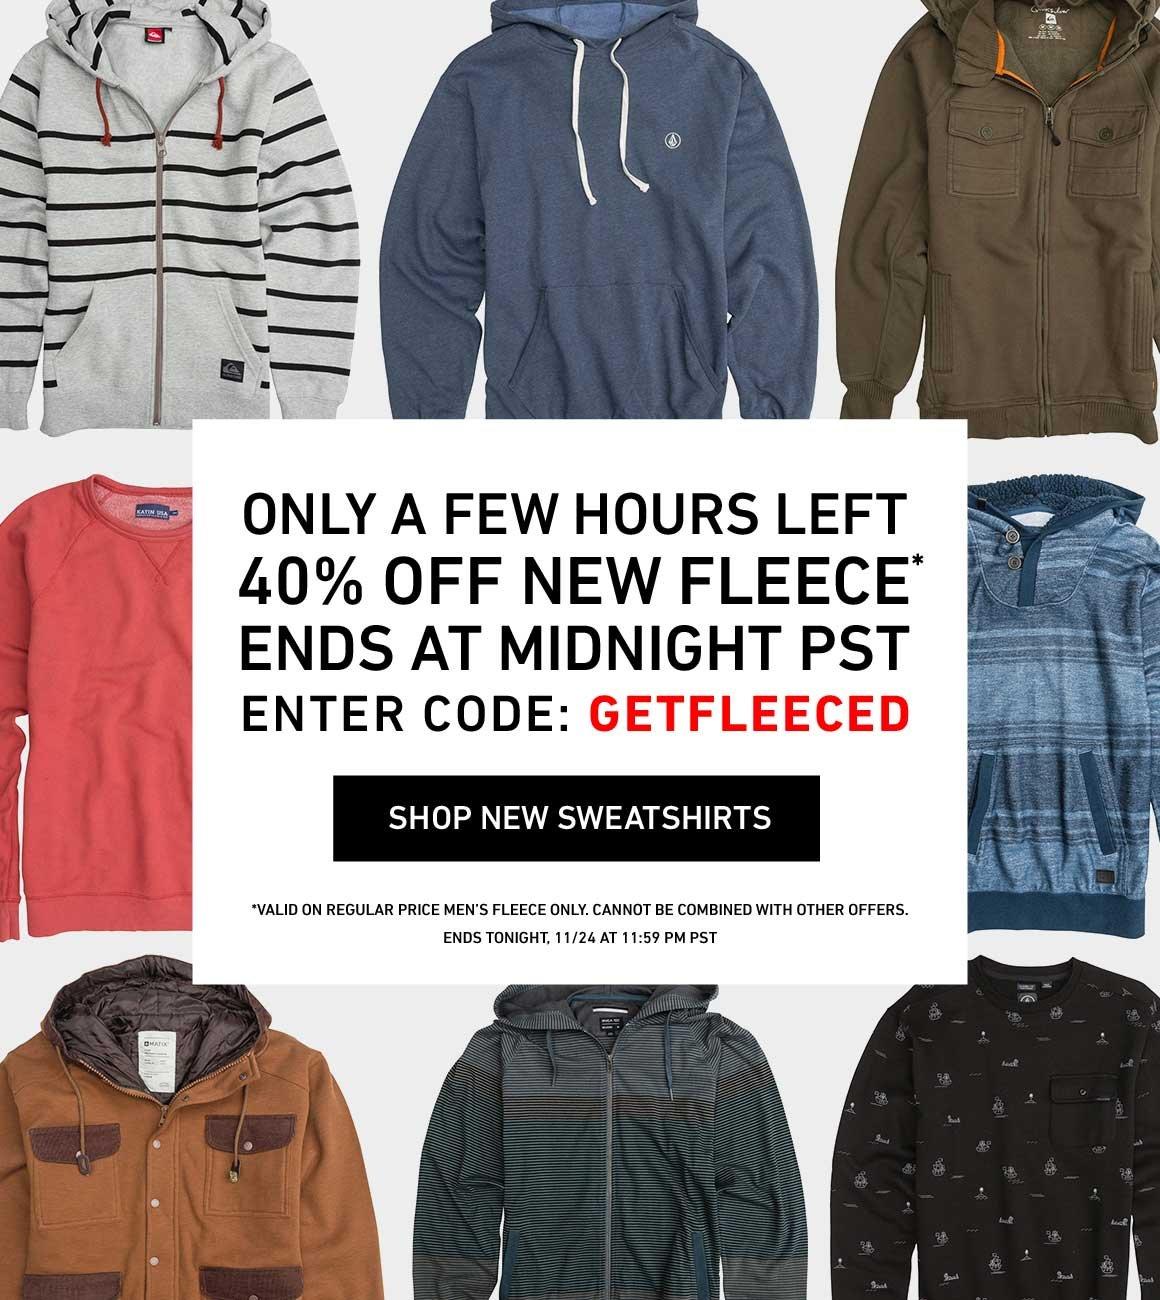 Only A Few Hours Left: 40% Off Fleece! Enter Code: GETFLEECED